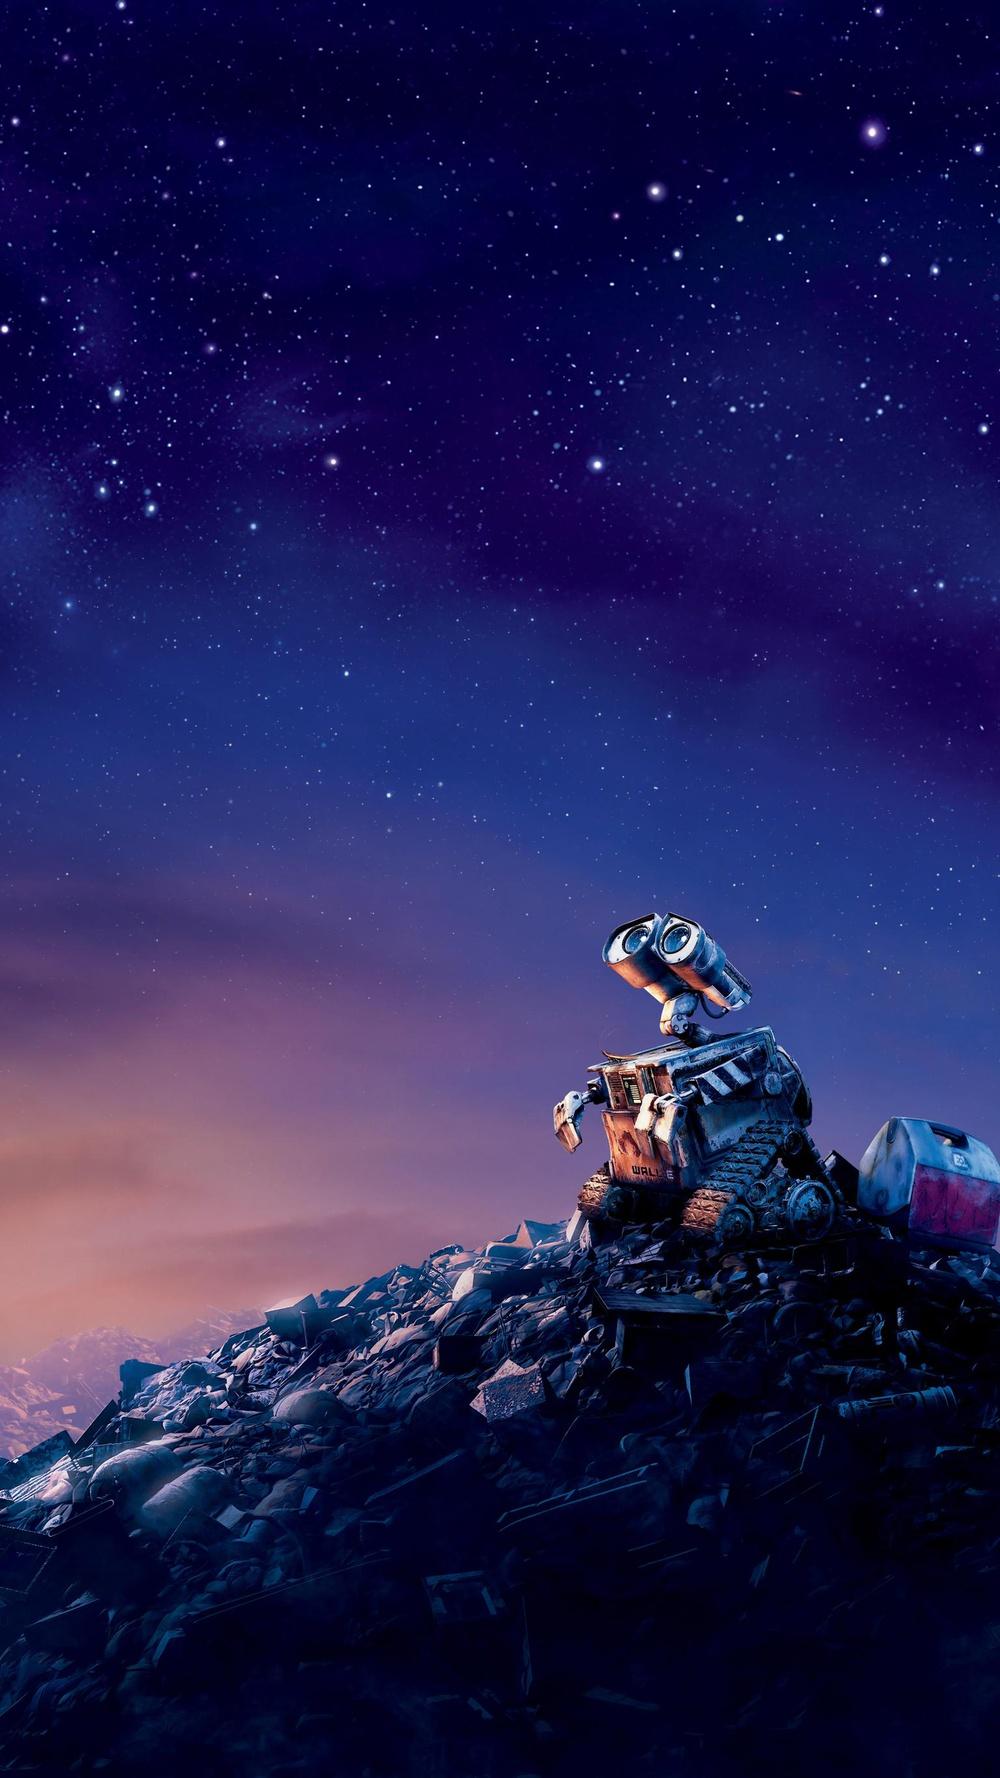 Pixar a une formule pour raconter des histoires